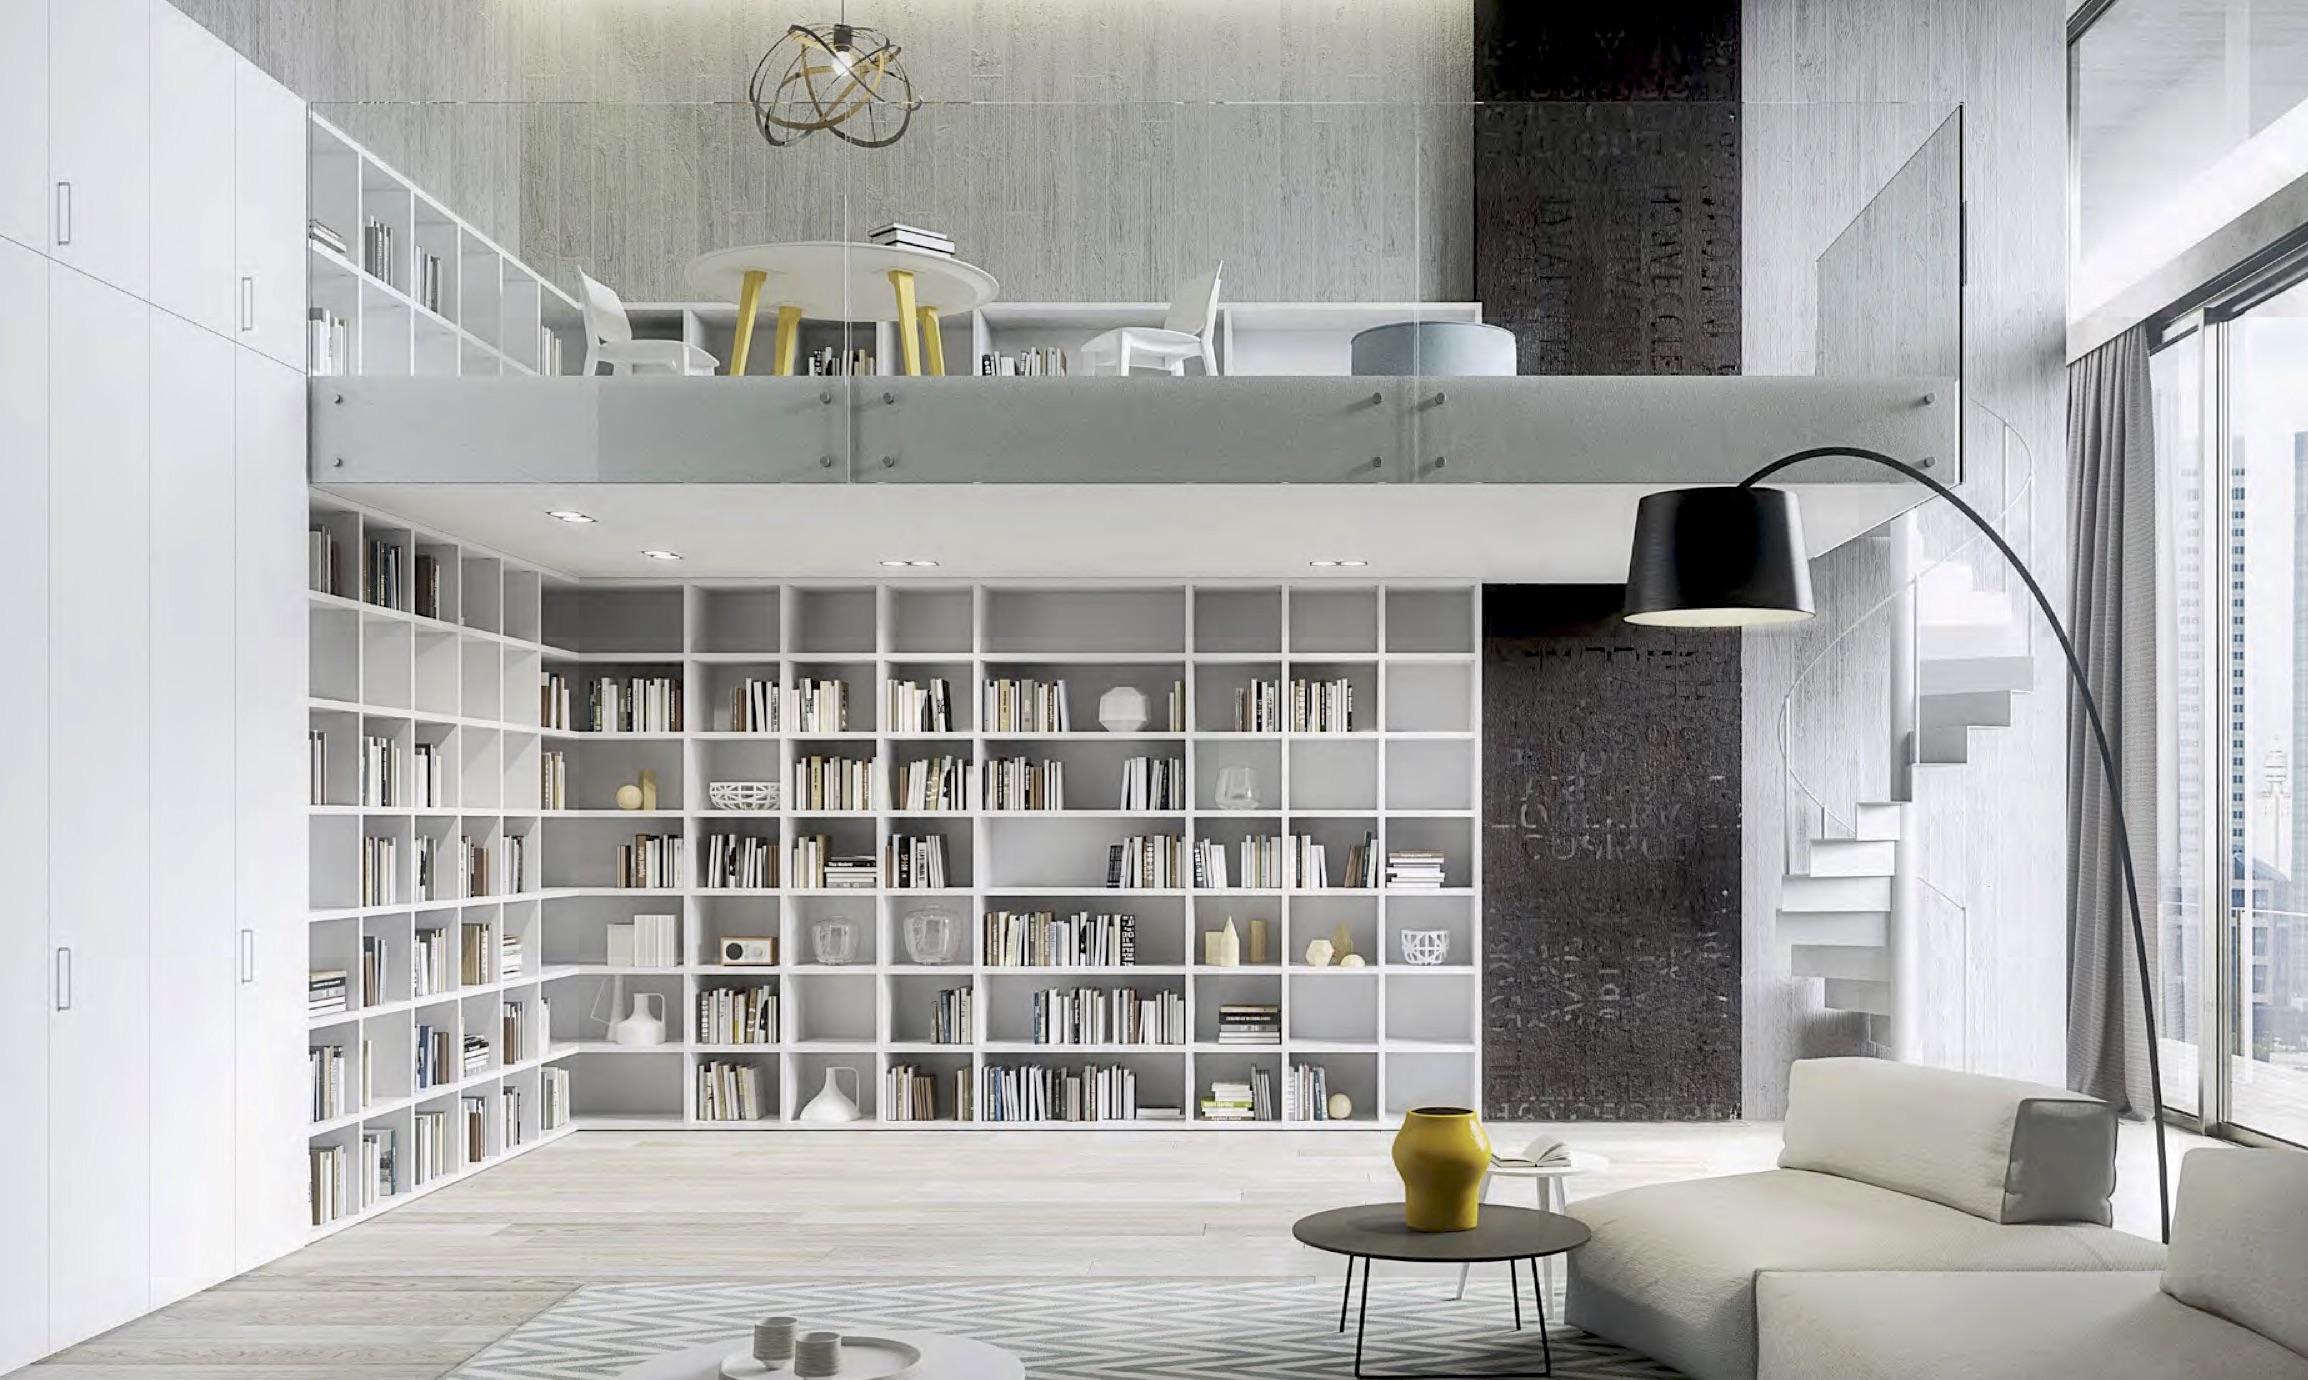 Librerie Arredamento Bologna.Librerie A Terra Cinquanta3 Ztl Home Arredamenti Bologna